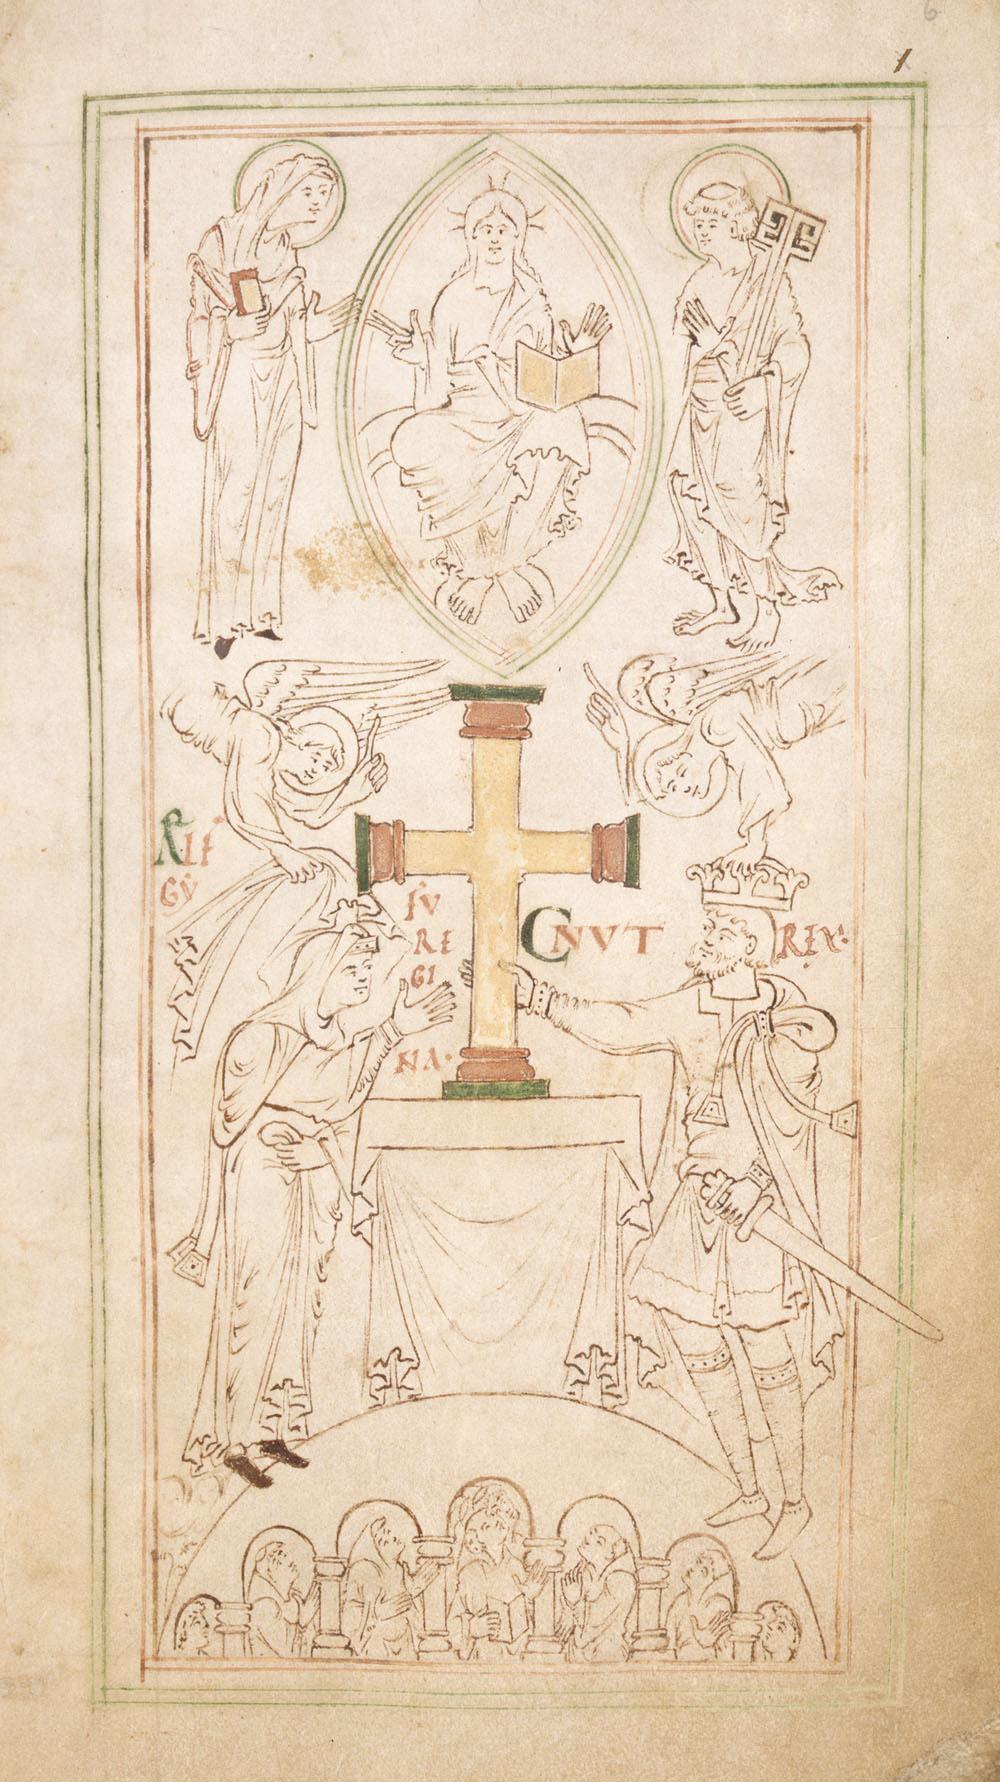 New Minster Liber Vitae er en kirkelig mindebog fra cirka 1031. I den findes et samtidigt billede af Knud den Store. © British Library Board. All Rights Reserved.